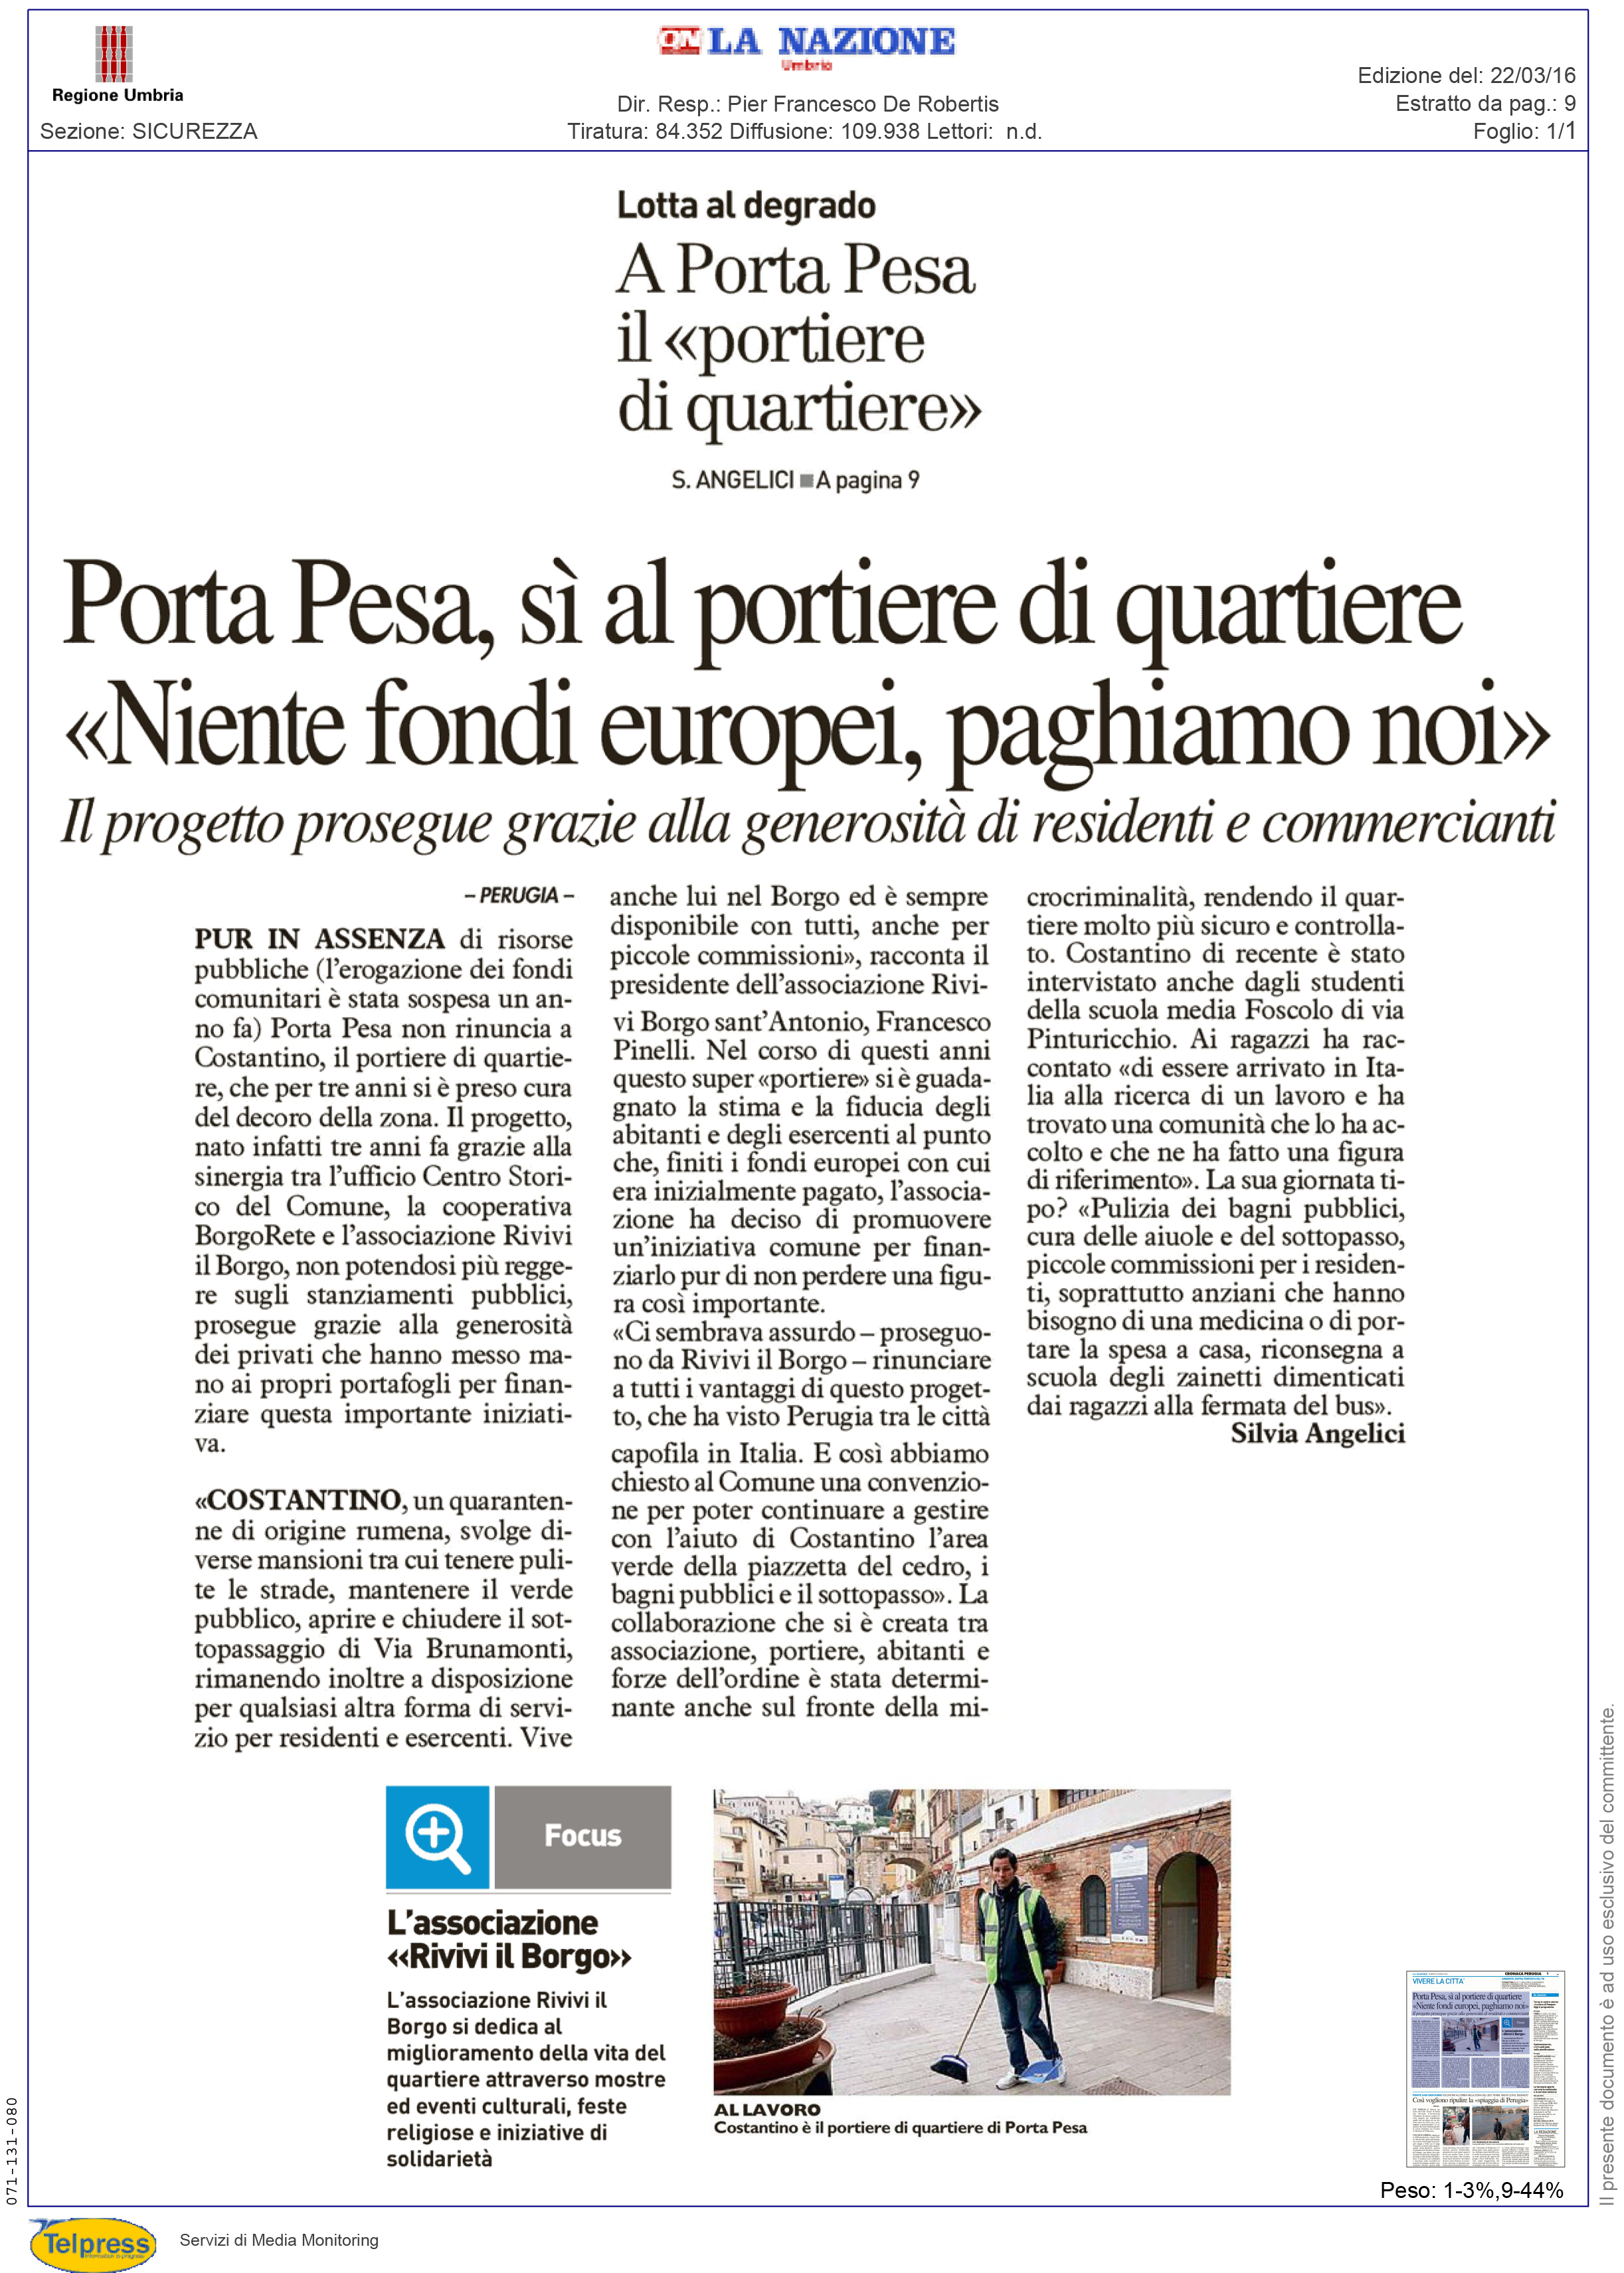 portiere5